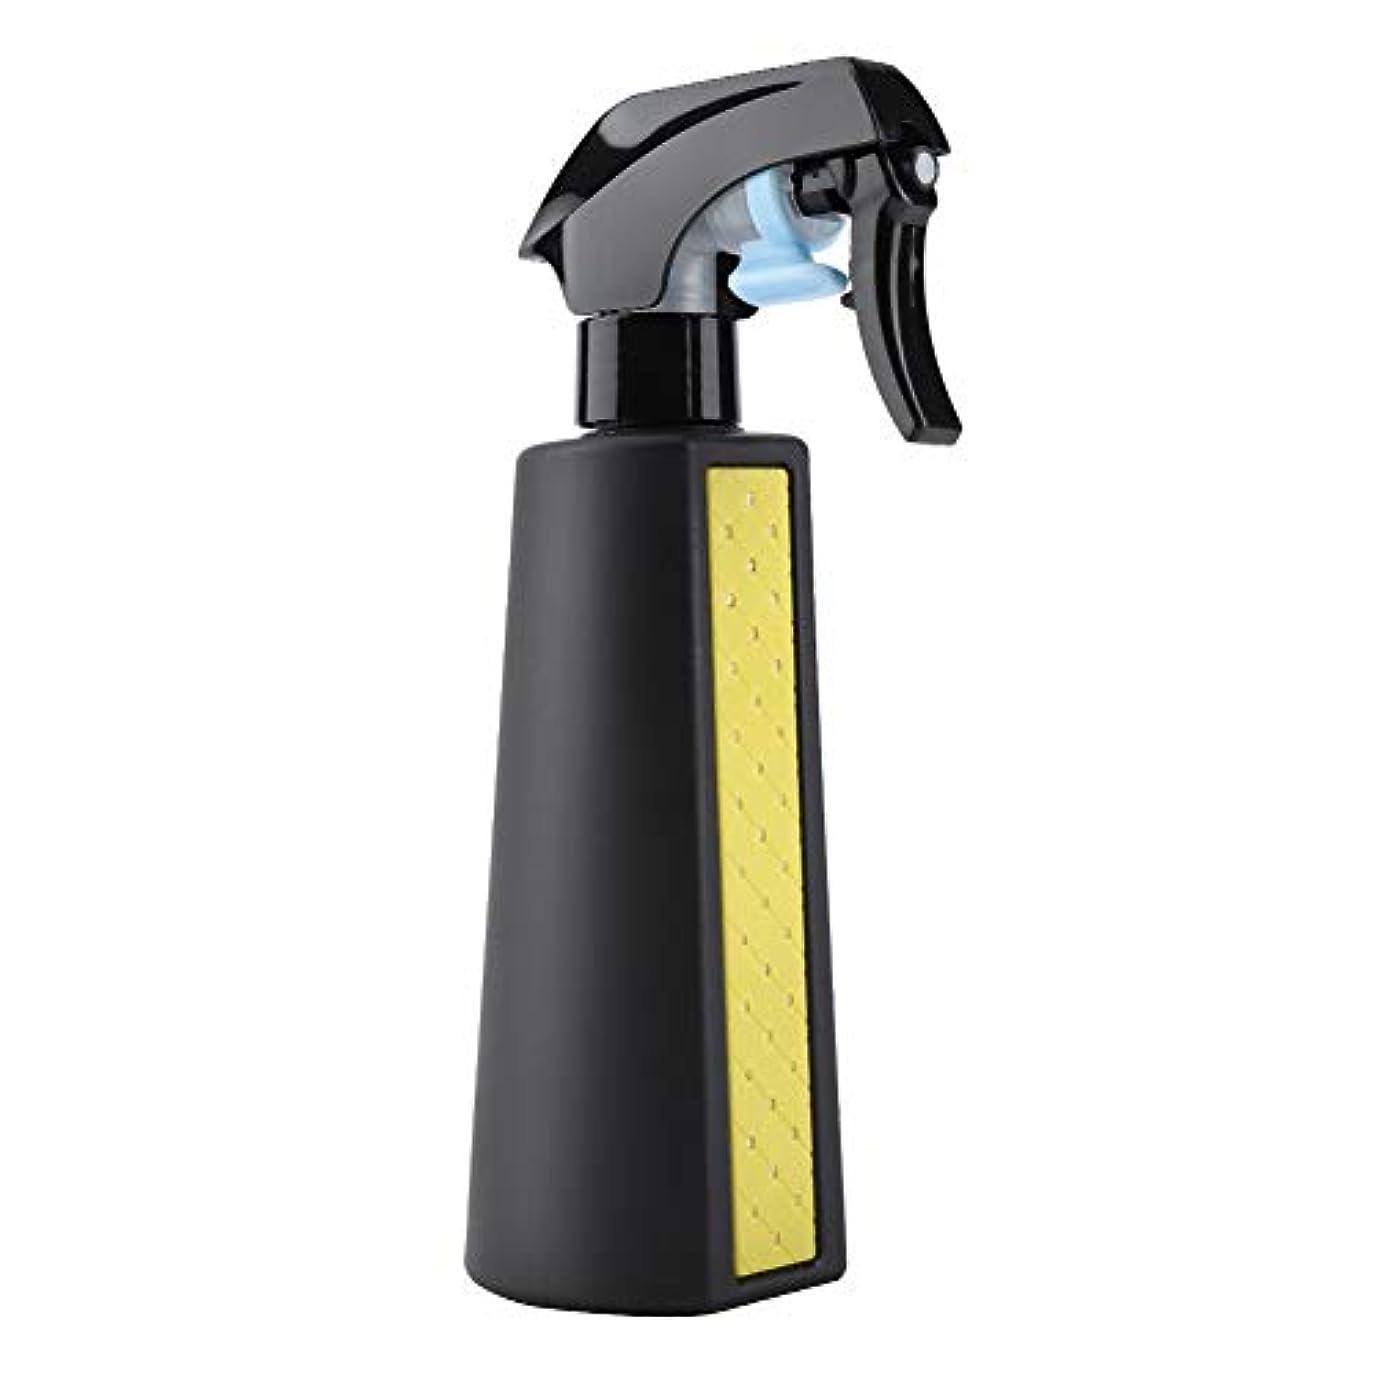 用心するメイト誕生ミスタースプレーボトル、300ML詰め替え可能な多目的マットヘアスプレーヤーボトル理髪理容ツール散水缶詰め替え容器(黄)